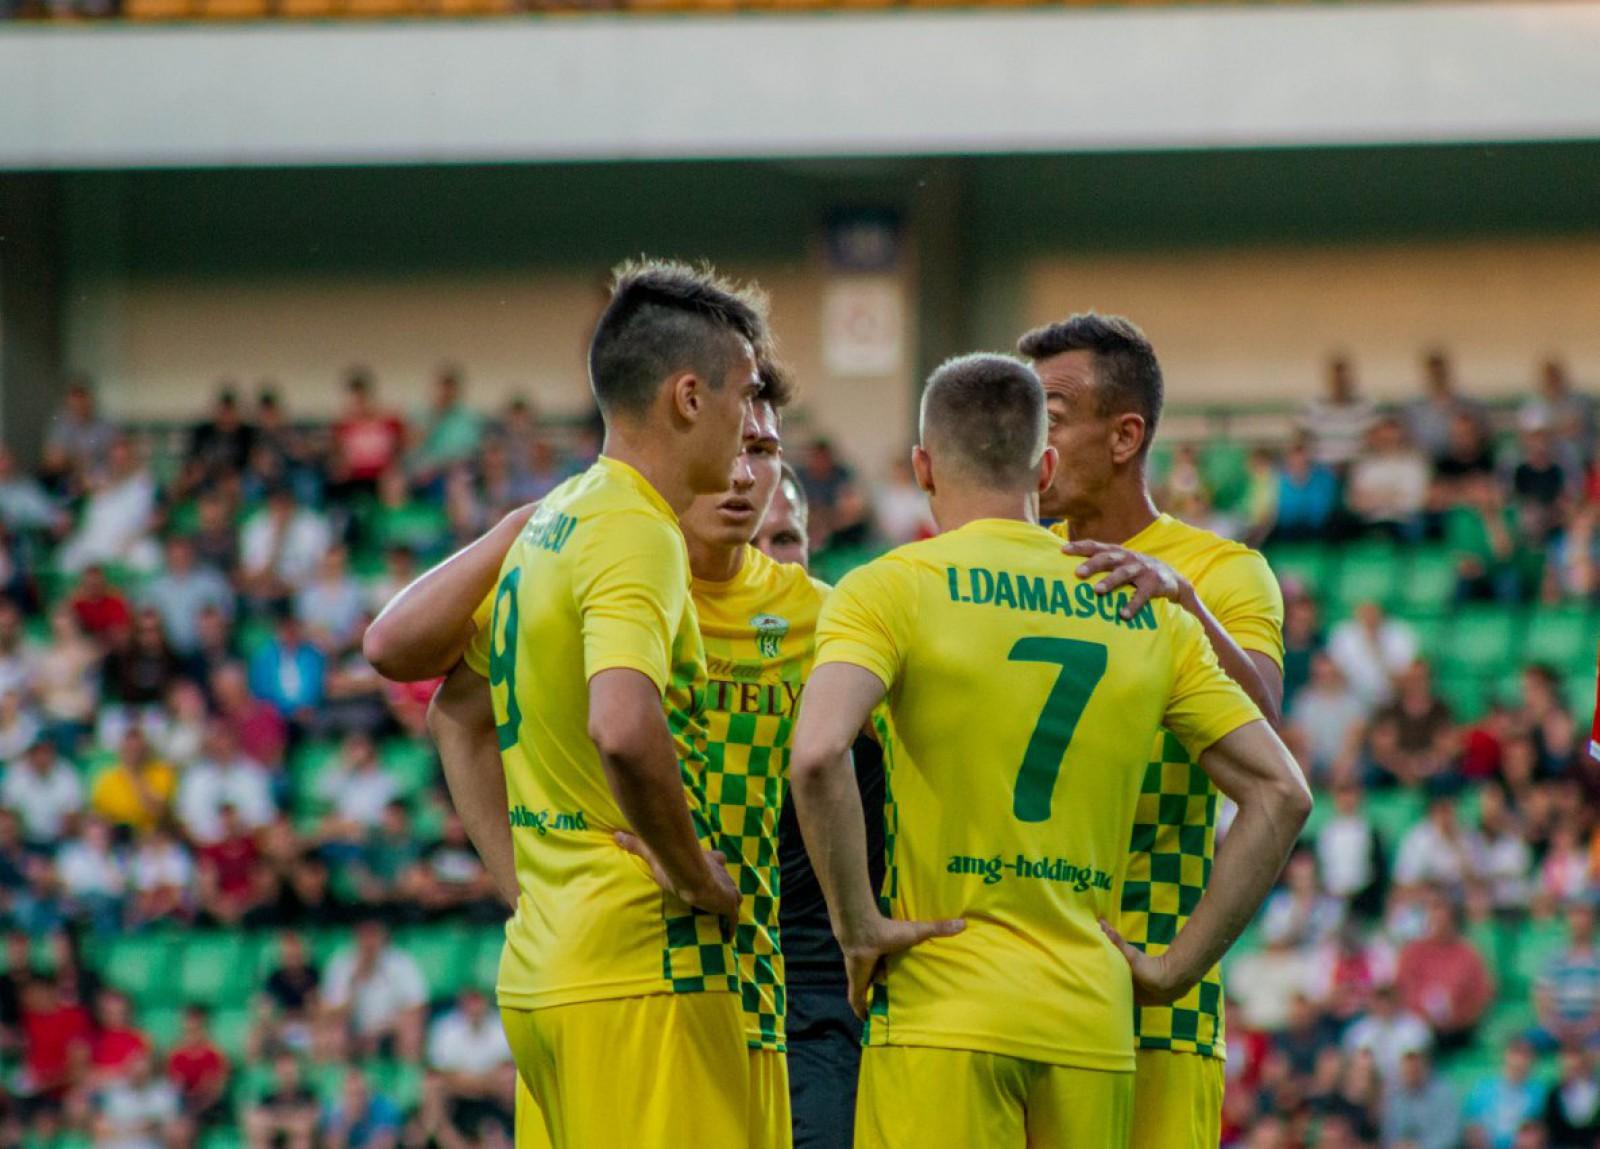 (video) FC Sfântul Gheorghe 1-0 FC Zimbru: Galben-verzii se află pe penultimul loc în clasamentul Diviziei Naționale